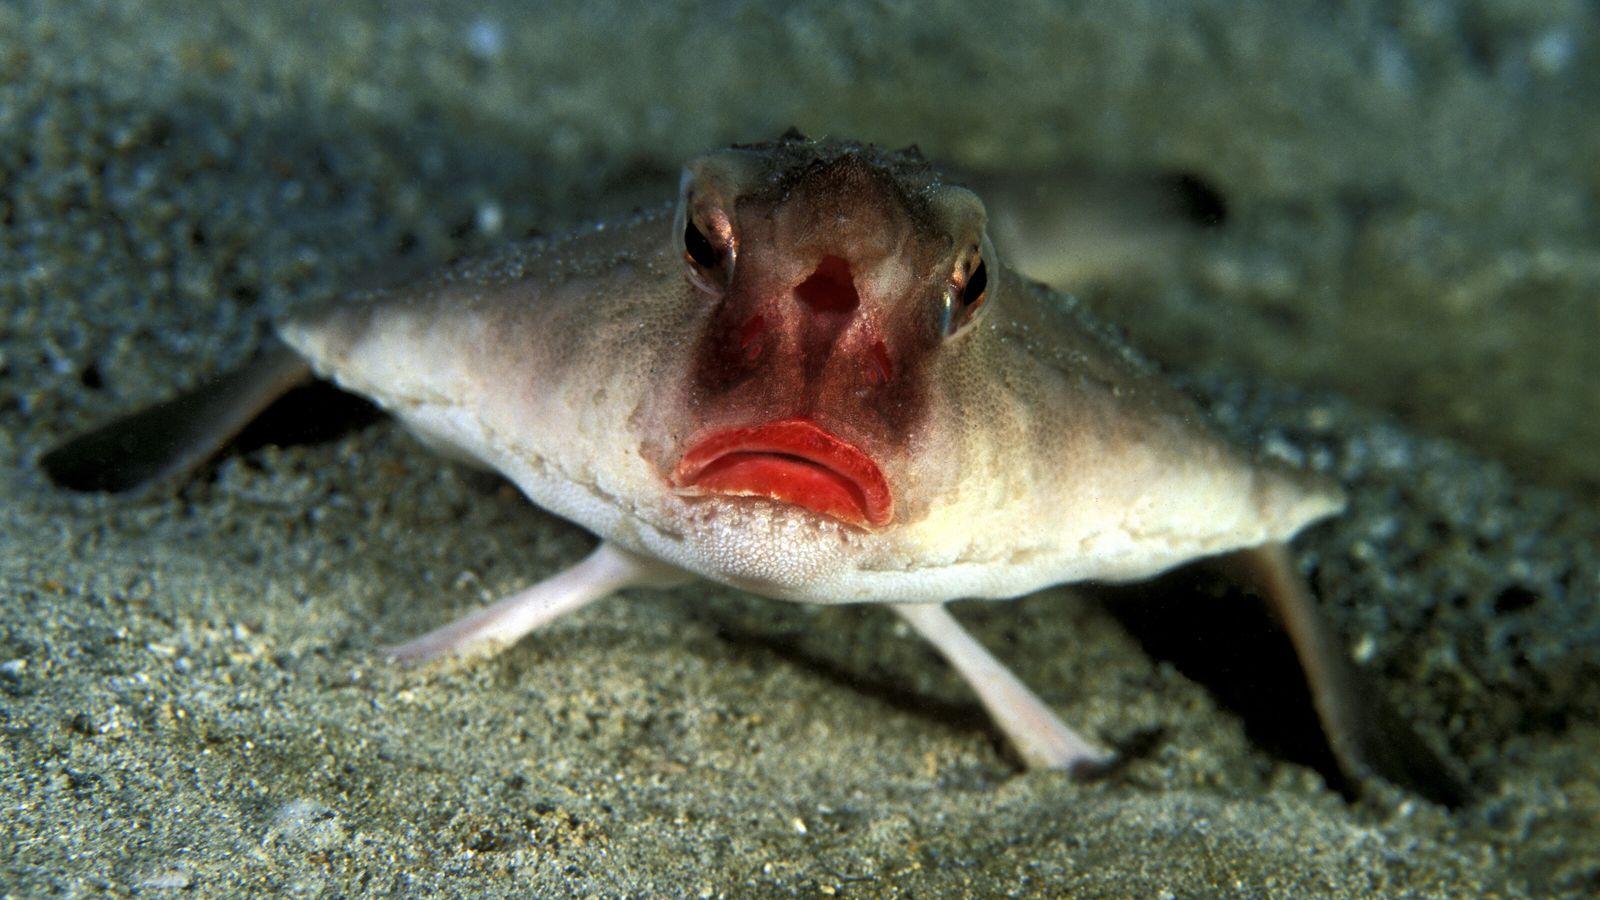 Schaurig schöne Tierwelt - Fledermausfisch